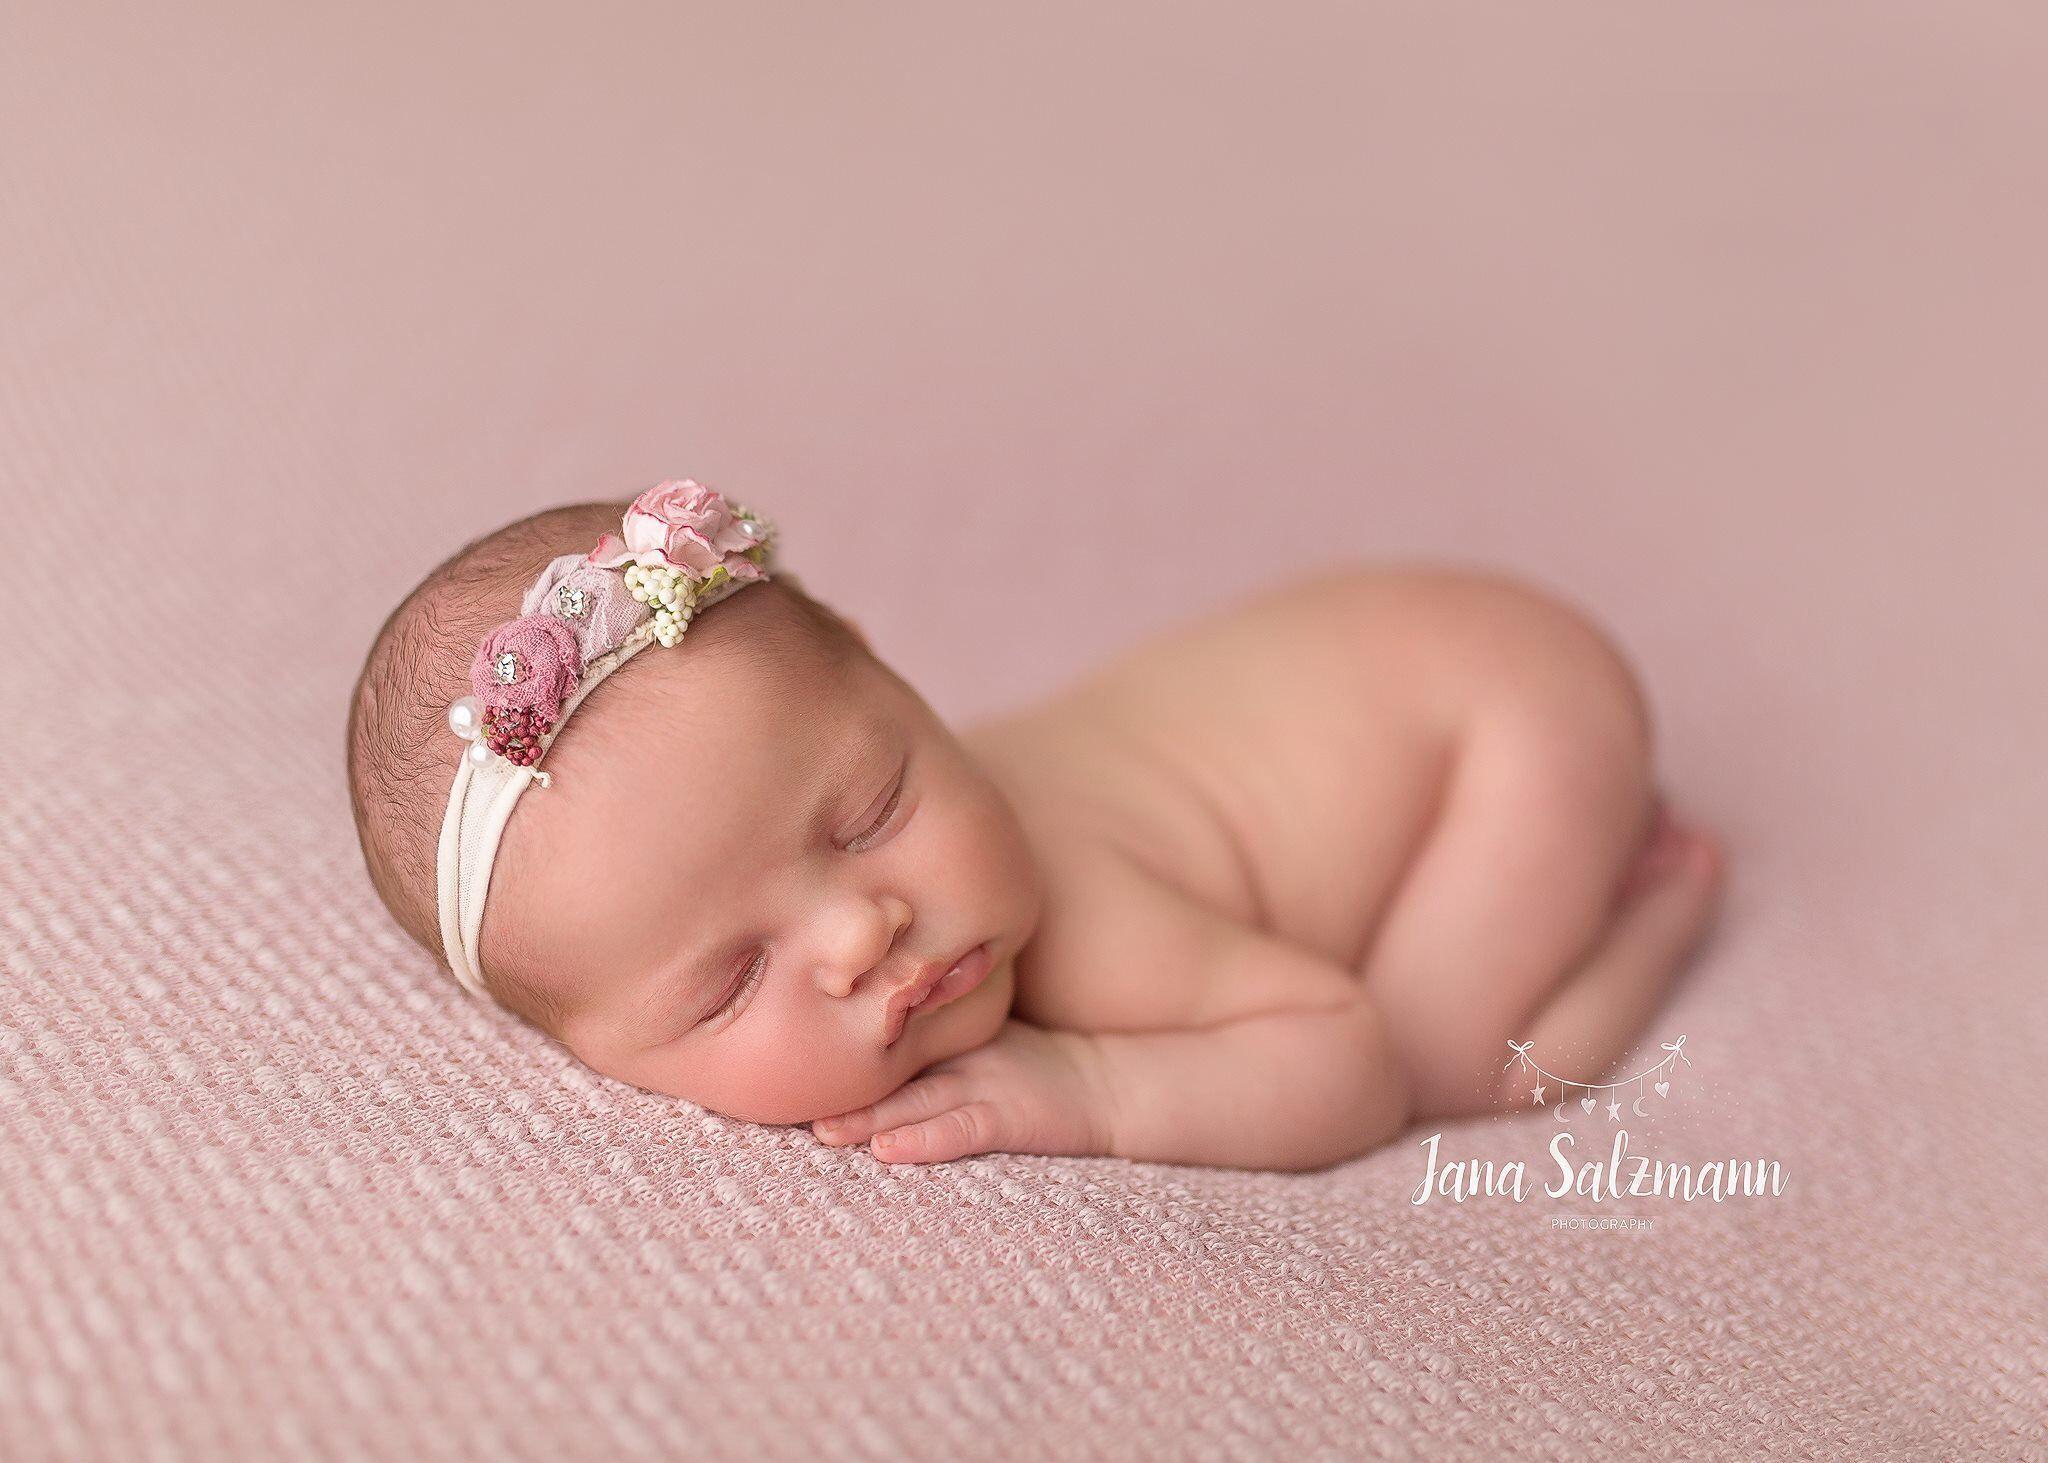 Neugeborenen Haarband, Baby Fotografie Haarband, Haarband Babyshooting, Neugeborenen Accessoires, Mädchen Haarband, Haarband Fotoshooting #babyhairaccessories